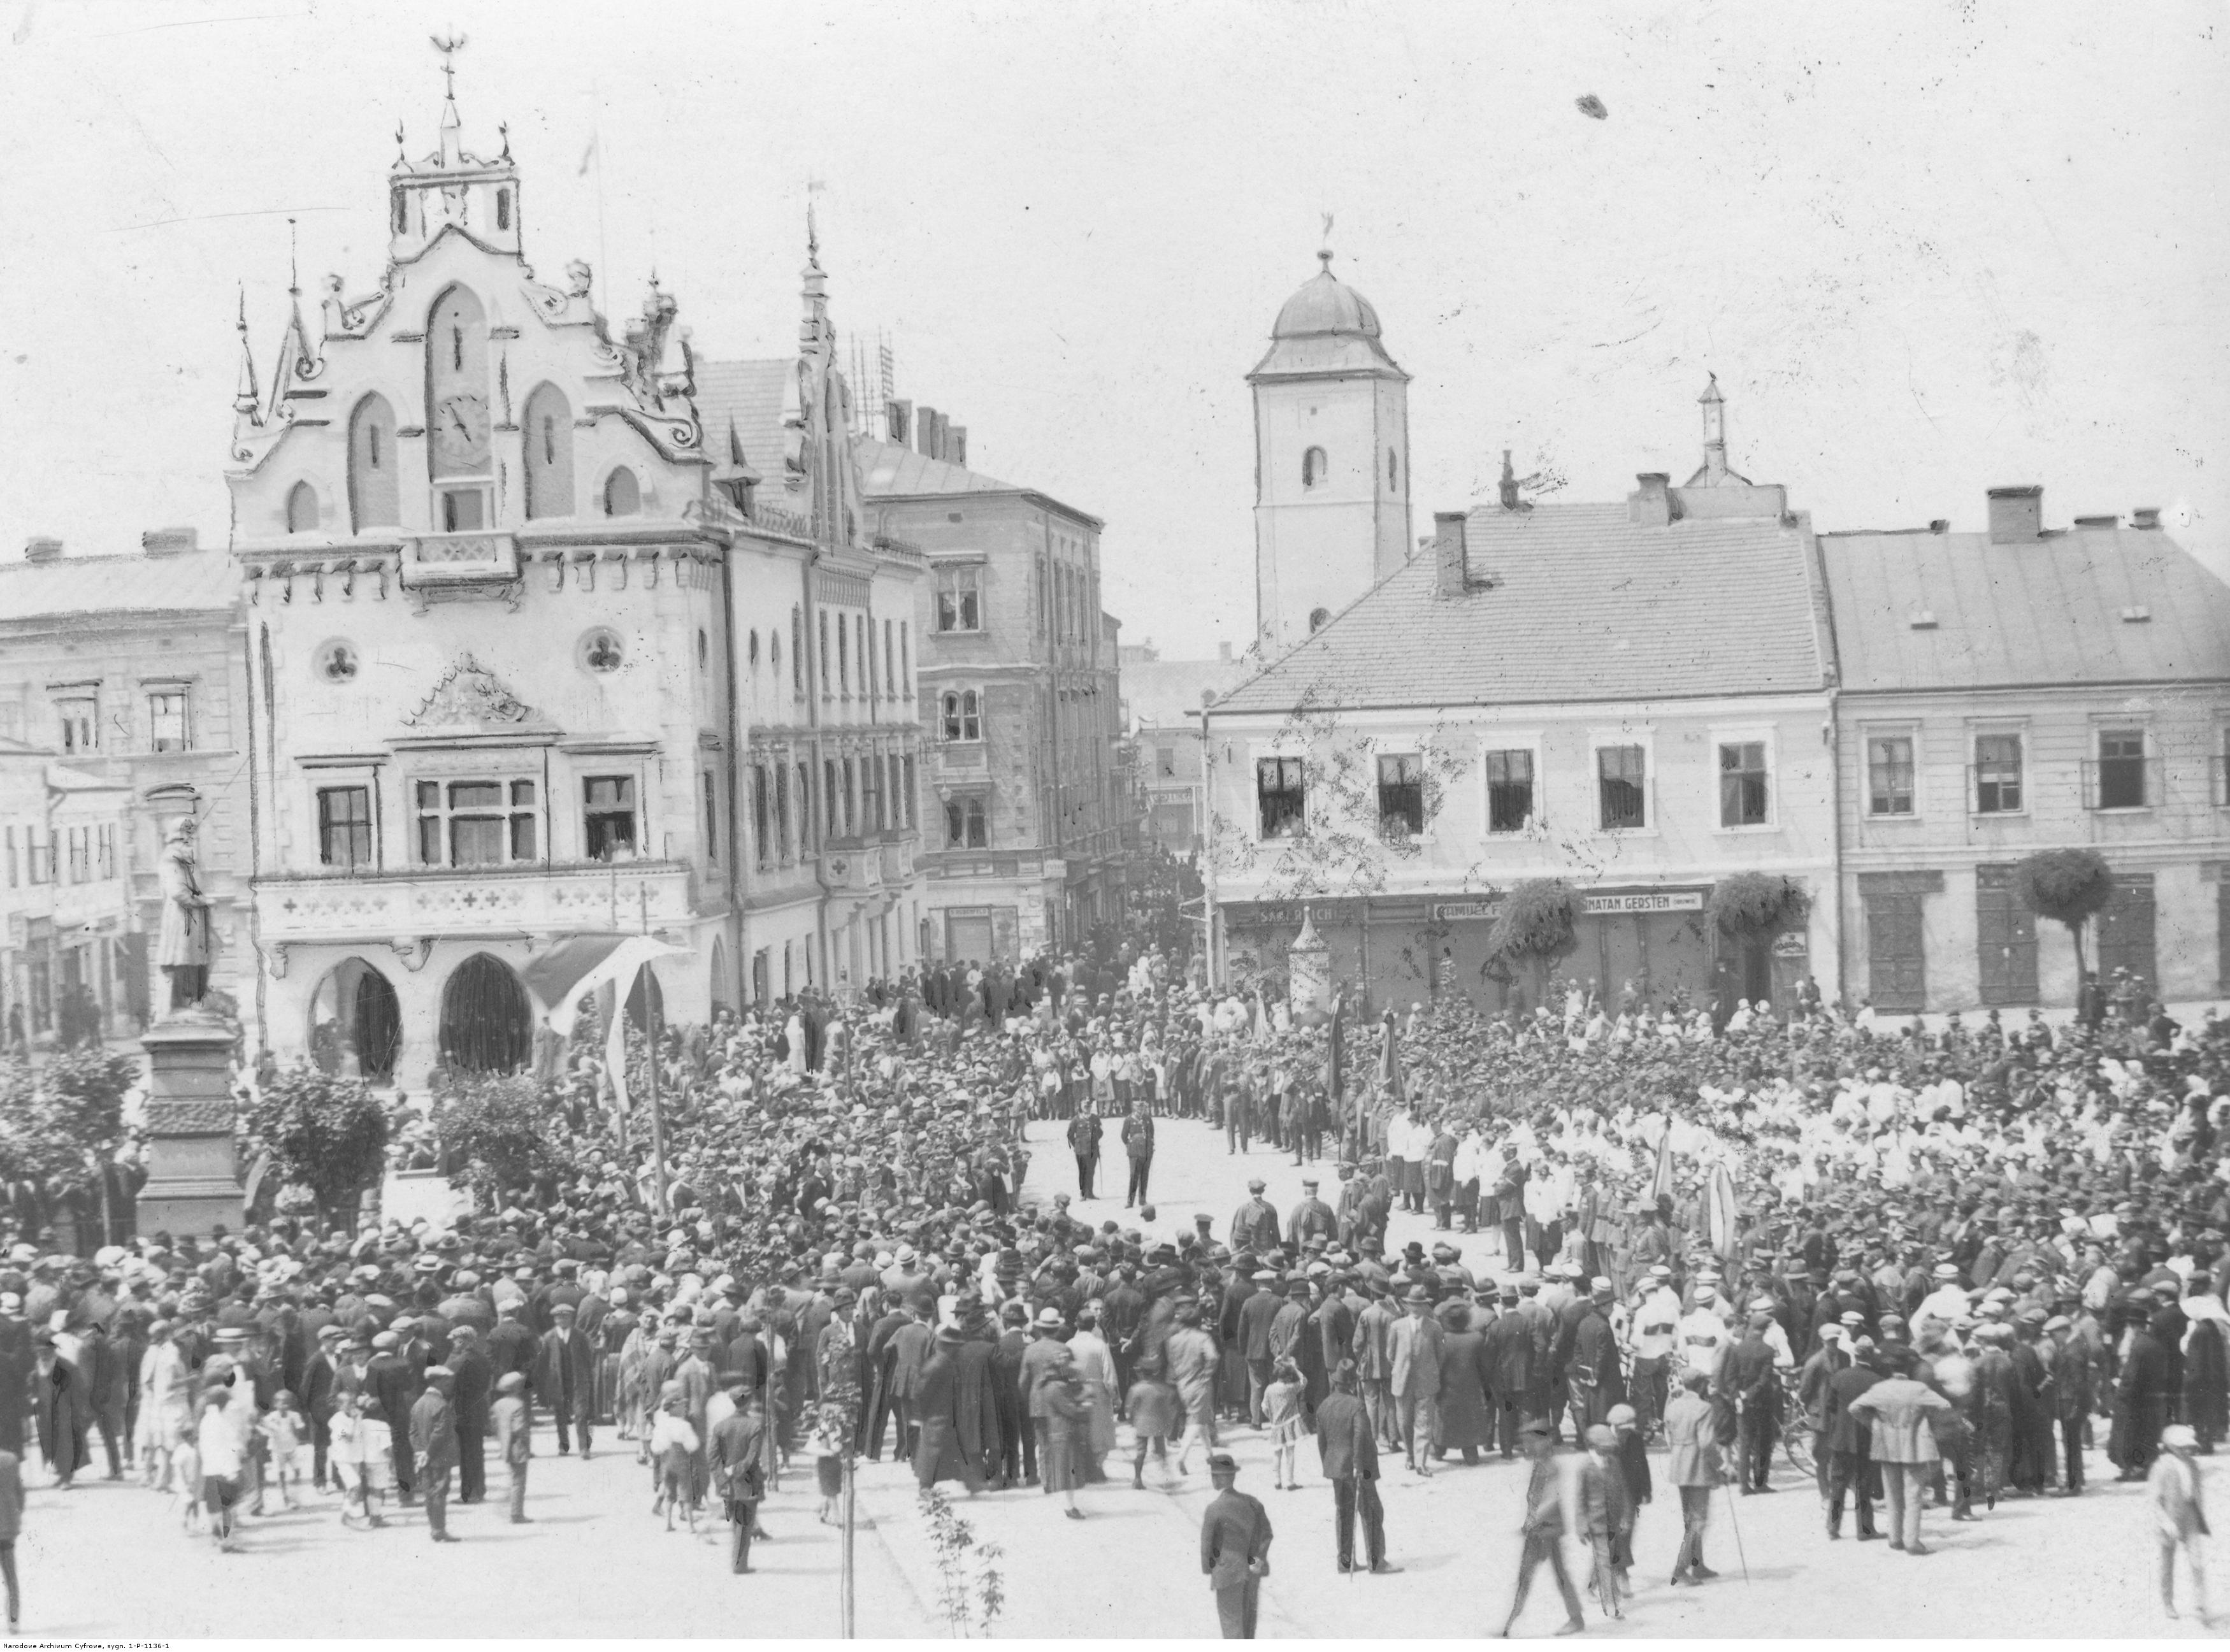 Zlot członków Towarzystwa Gimnastycznego Sokół. Widok ogólny na uczestników zlotu zgromadzonych na Rynku podczas składania wieńca pod pomnikiem Tadeusza Kościuszki, rok 1919-1939